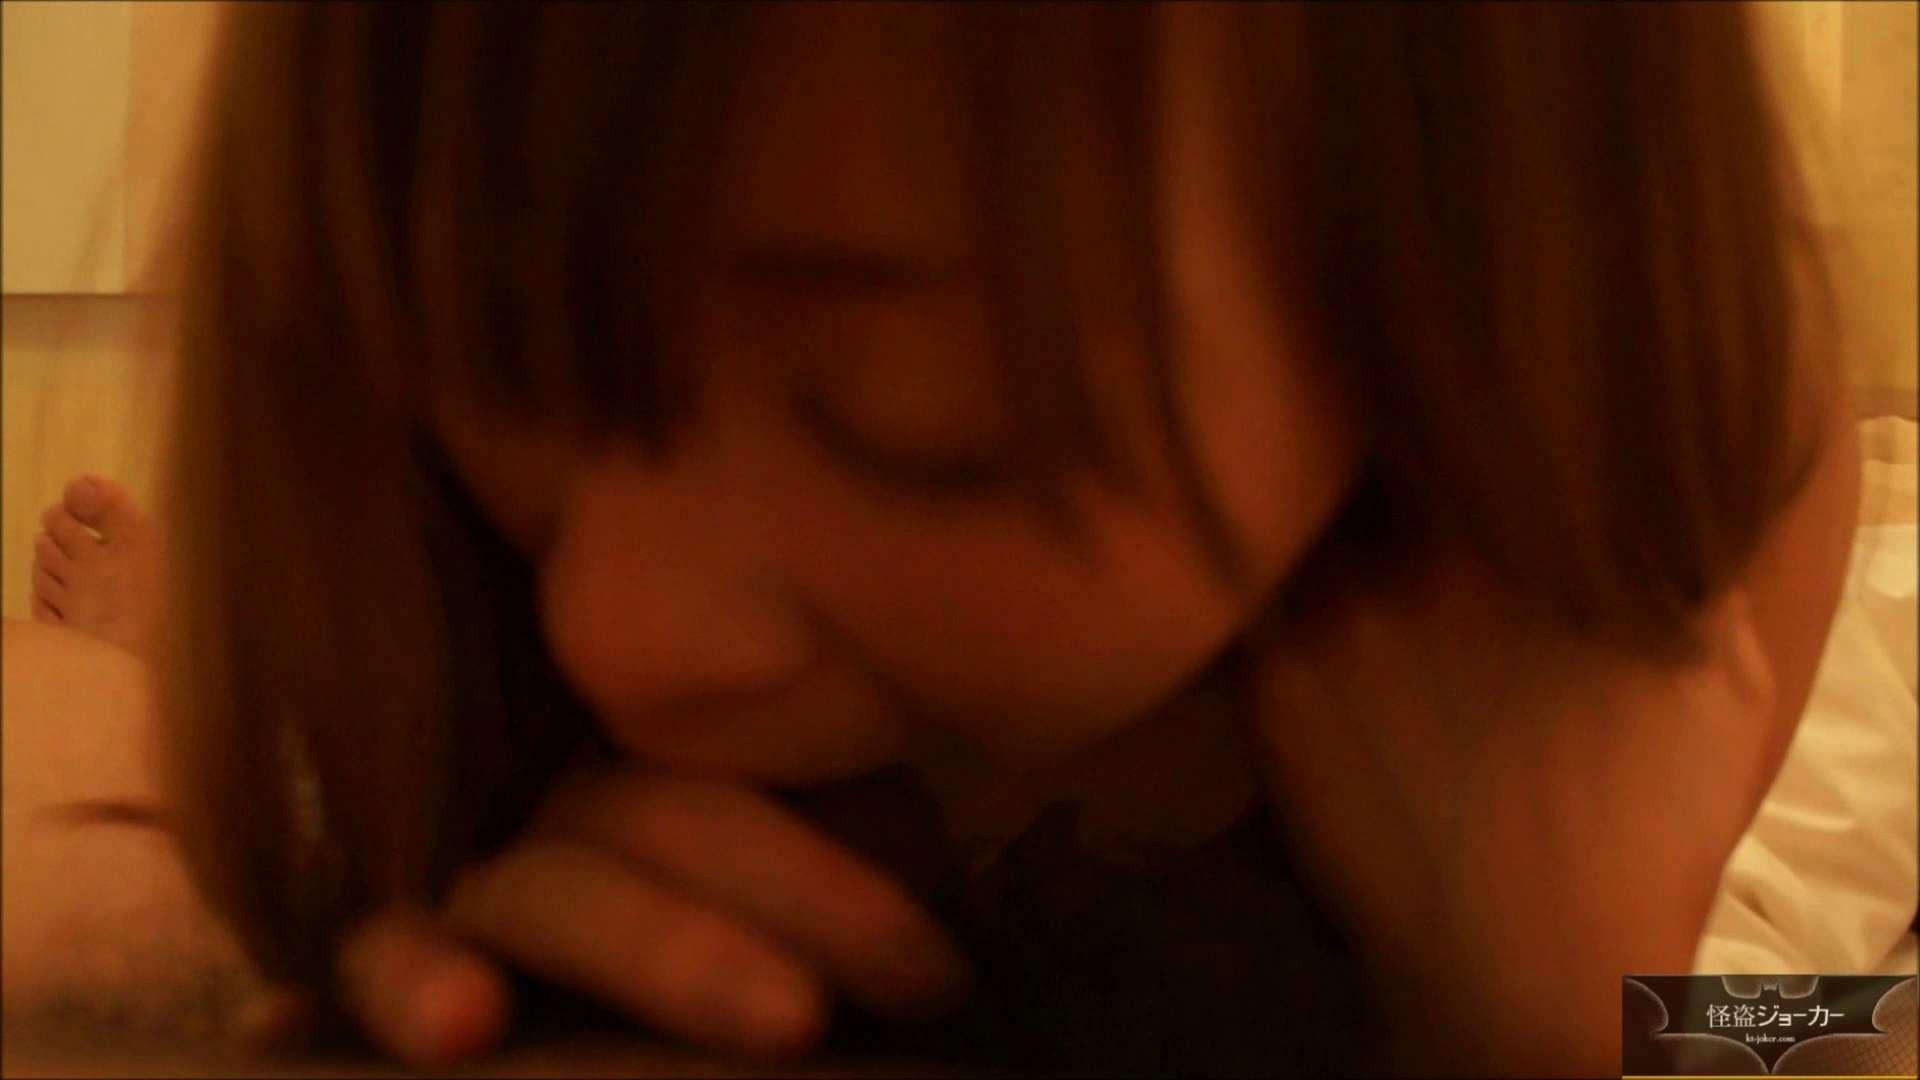 【未公開】vol.36 【援助】鏡越しの朋葉を見ながら・・・ エッチすぎるOL達  51連発 38